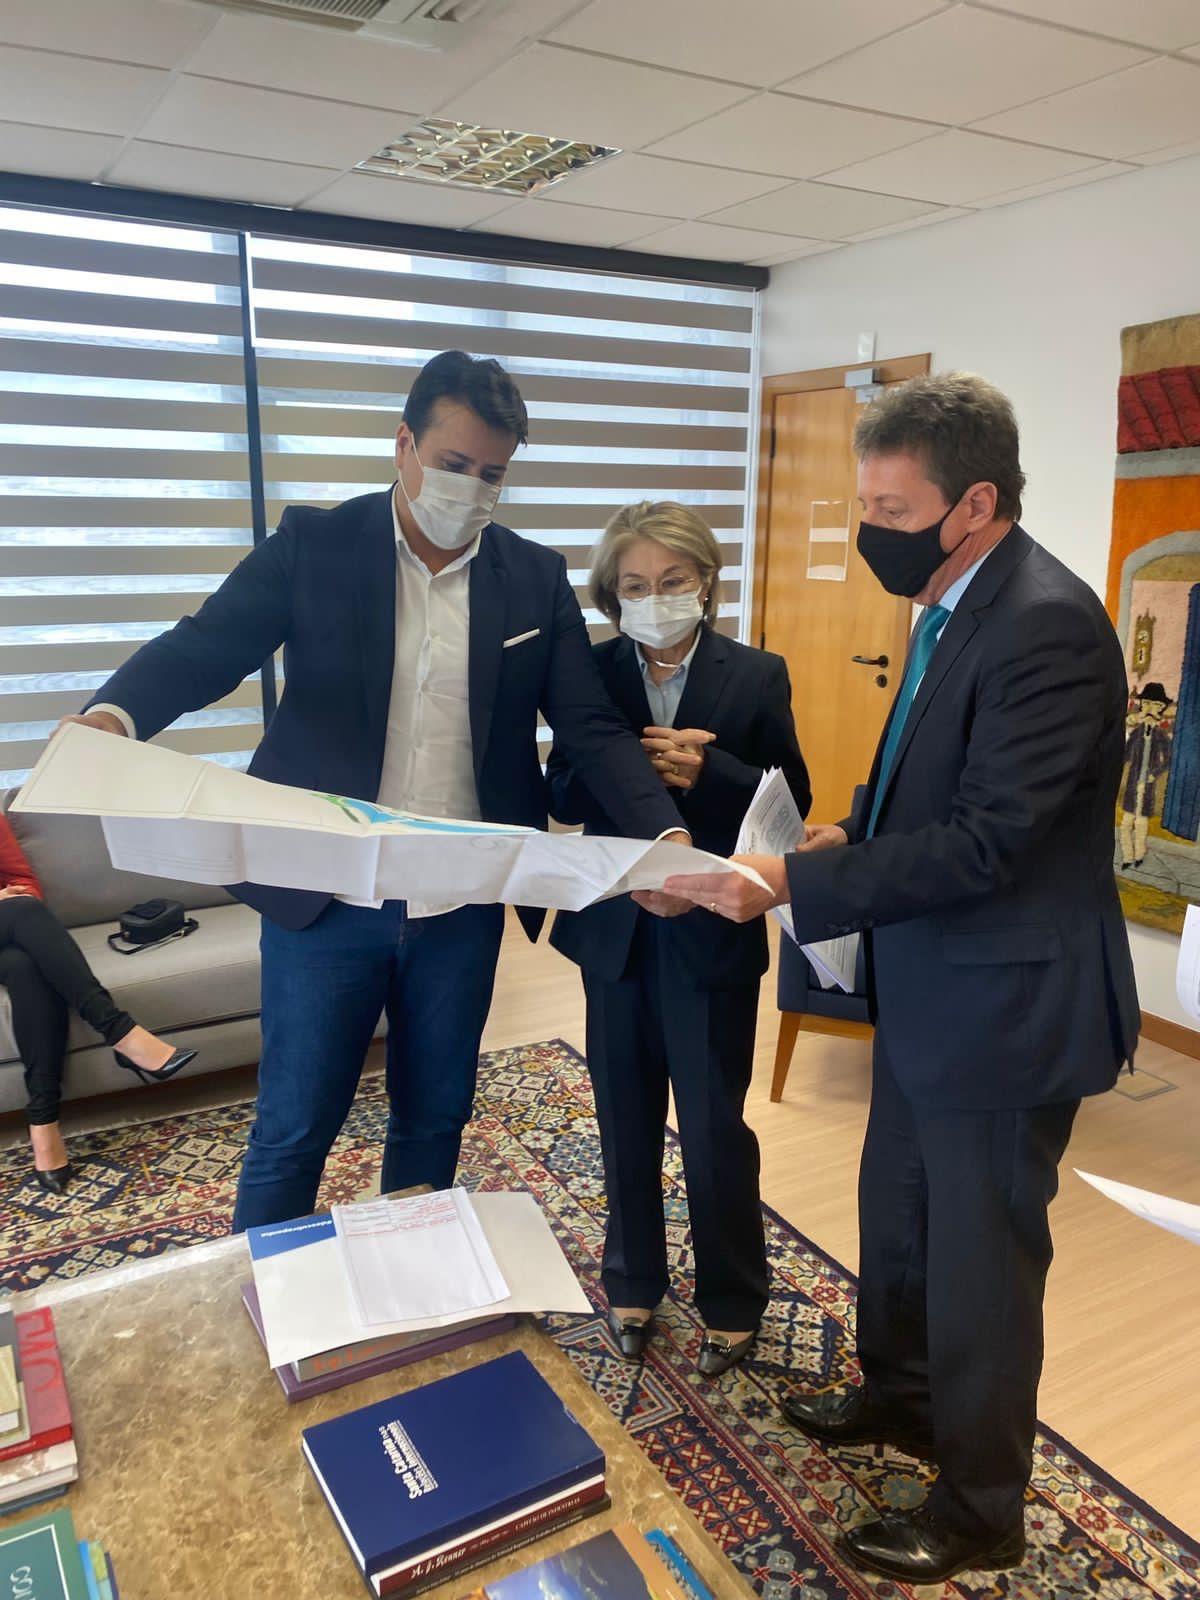 Prefeito de Penha esteve com o presidente do TJ de Santa Catarina para debater sobre a construção do Fórum de Penha